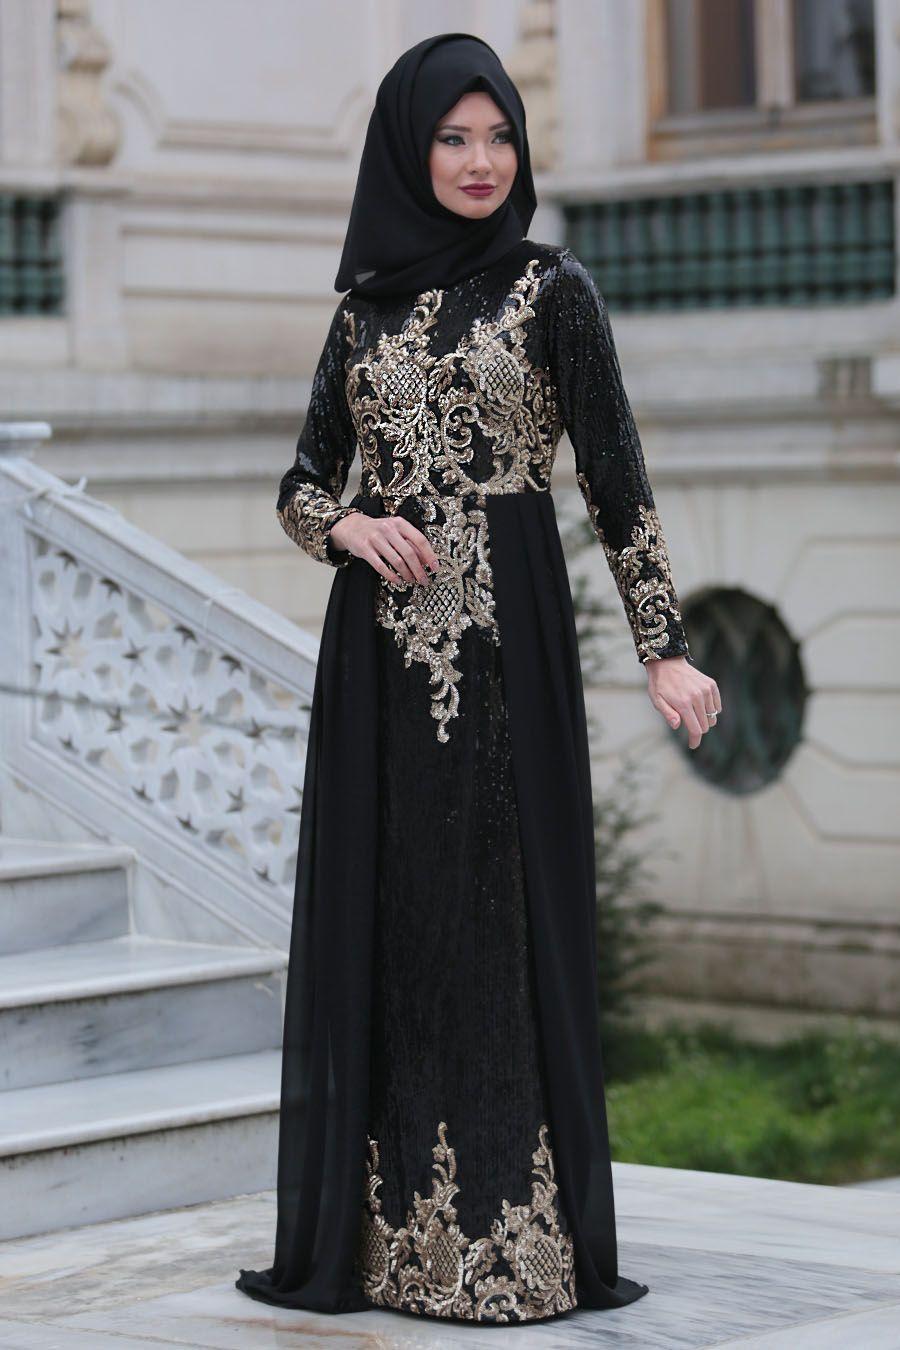 e6341bca47b7e 2018/2019 Yeni Sezon Özel Tasarım Abiye Koleksiyonu - Tesettürlü Abiye  Elbiseler - Pul Payet